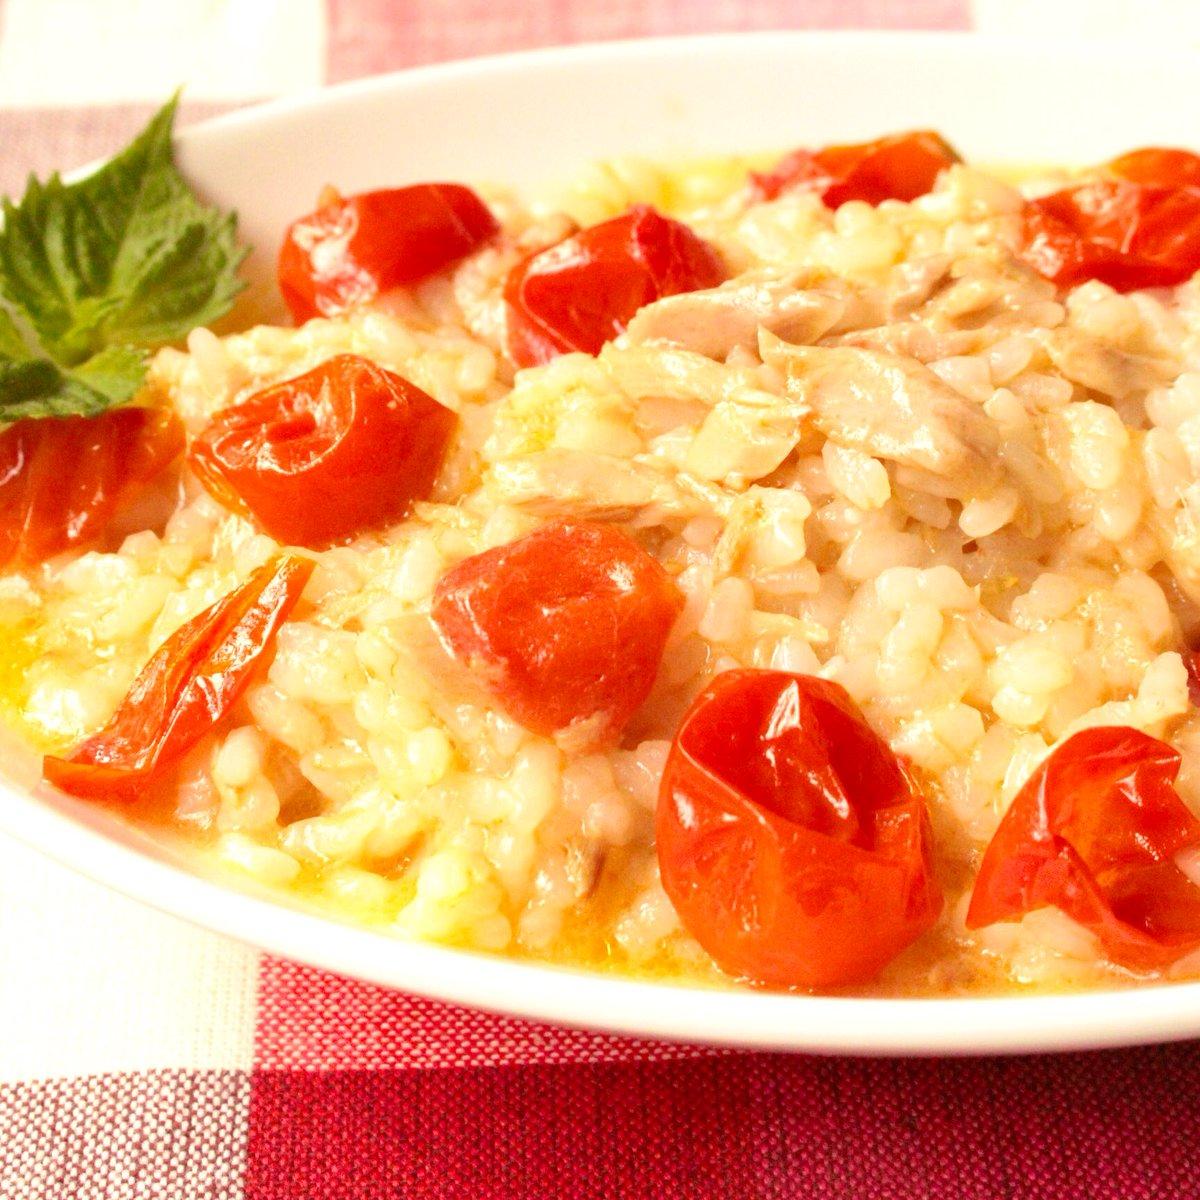 シチリア島で食べたリゾットを再現しました!ツナのイノシン酸とトマトのグルタミン酸が奇跡のうま味相乗効果をおこしますレンジで1発!【ツナトマトリゾット】炊く前のお米80gツナ缶ミニトマト4個オリーブ油大1鶏ガラ小2にんにく3cm入れたら15分チンで完成!お米炊いてなくても絶品ランチ完成